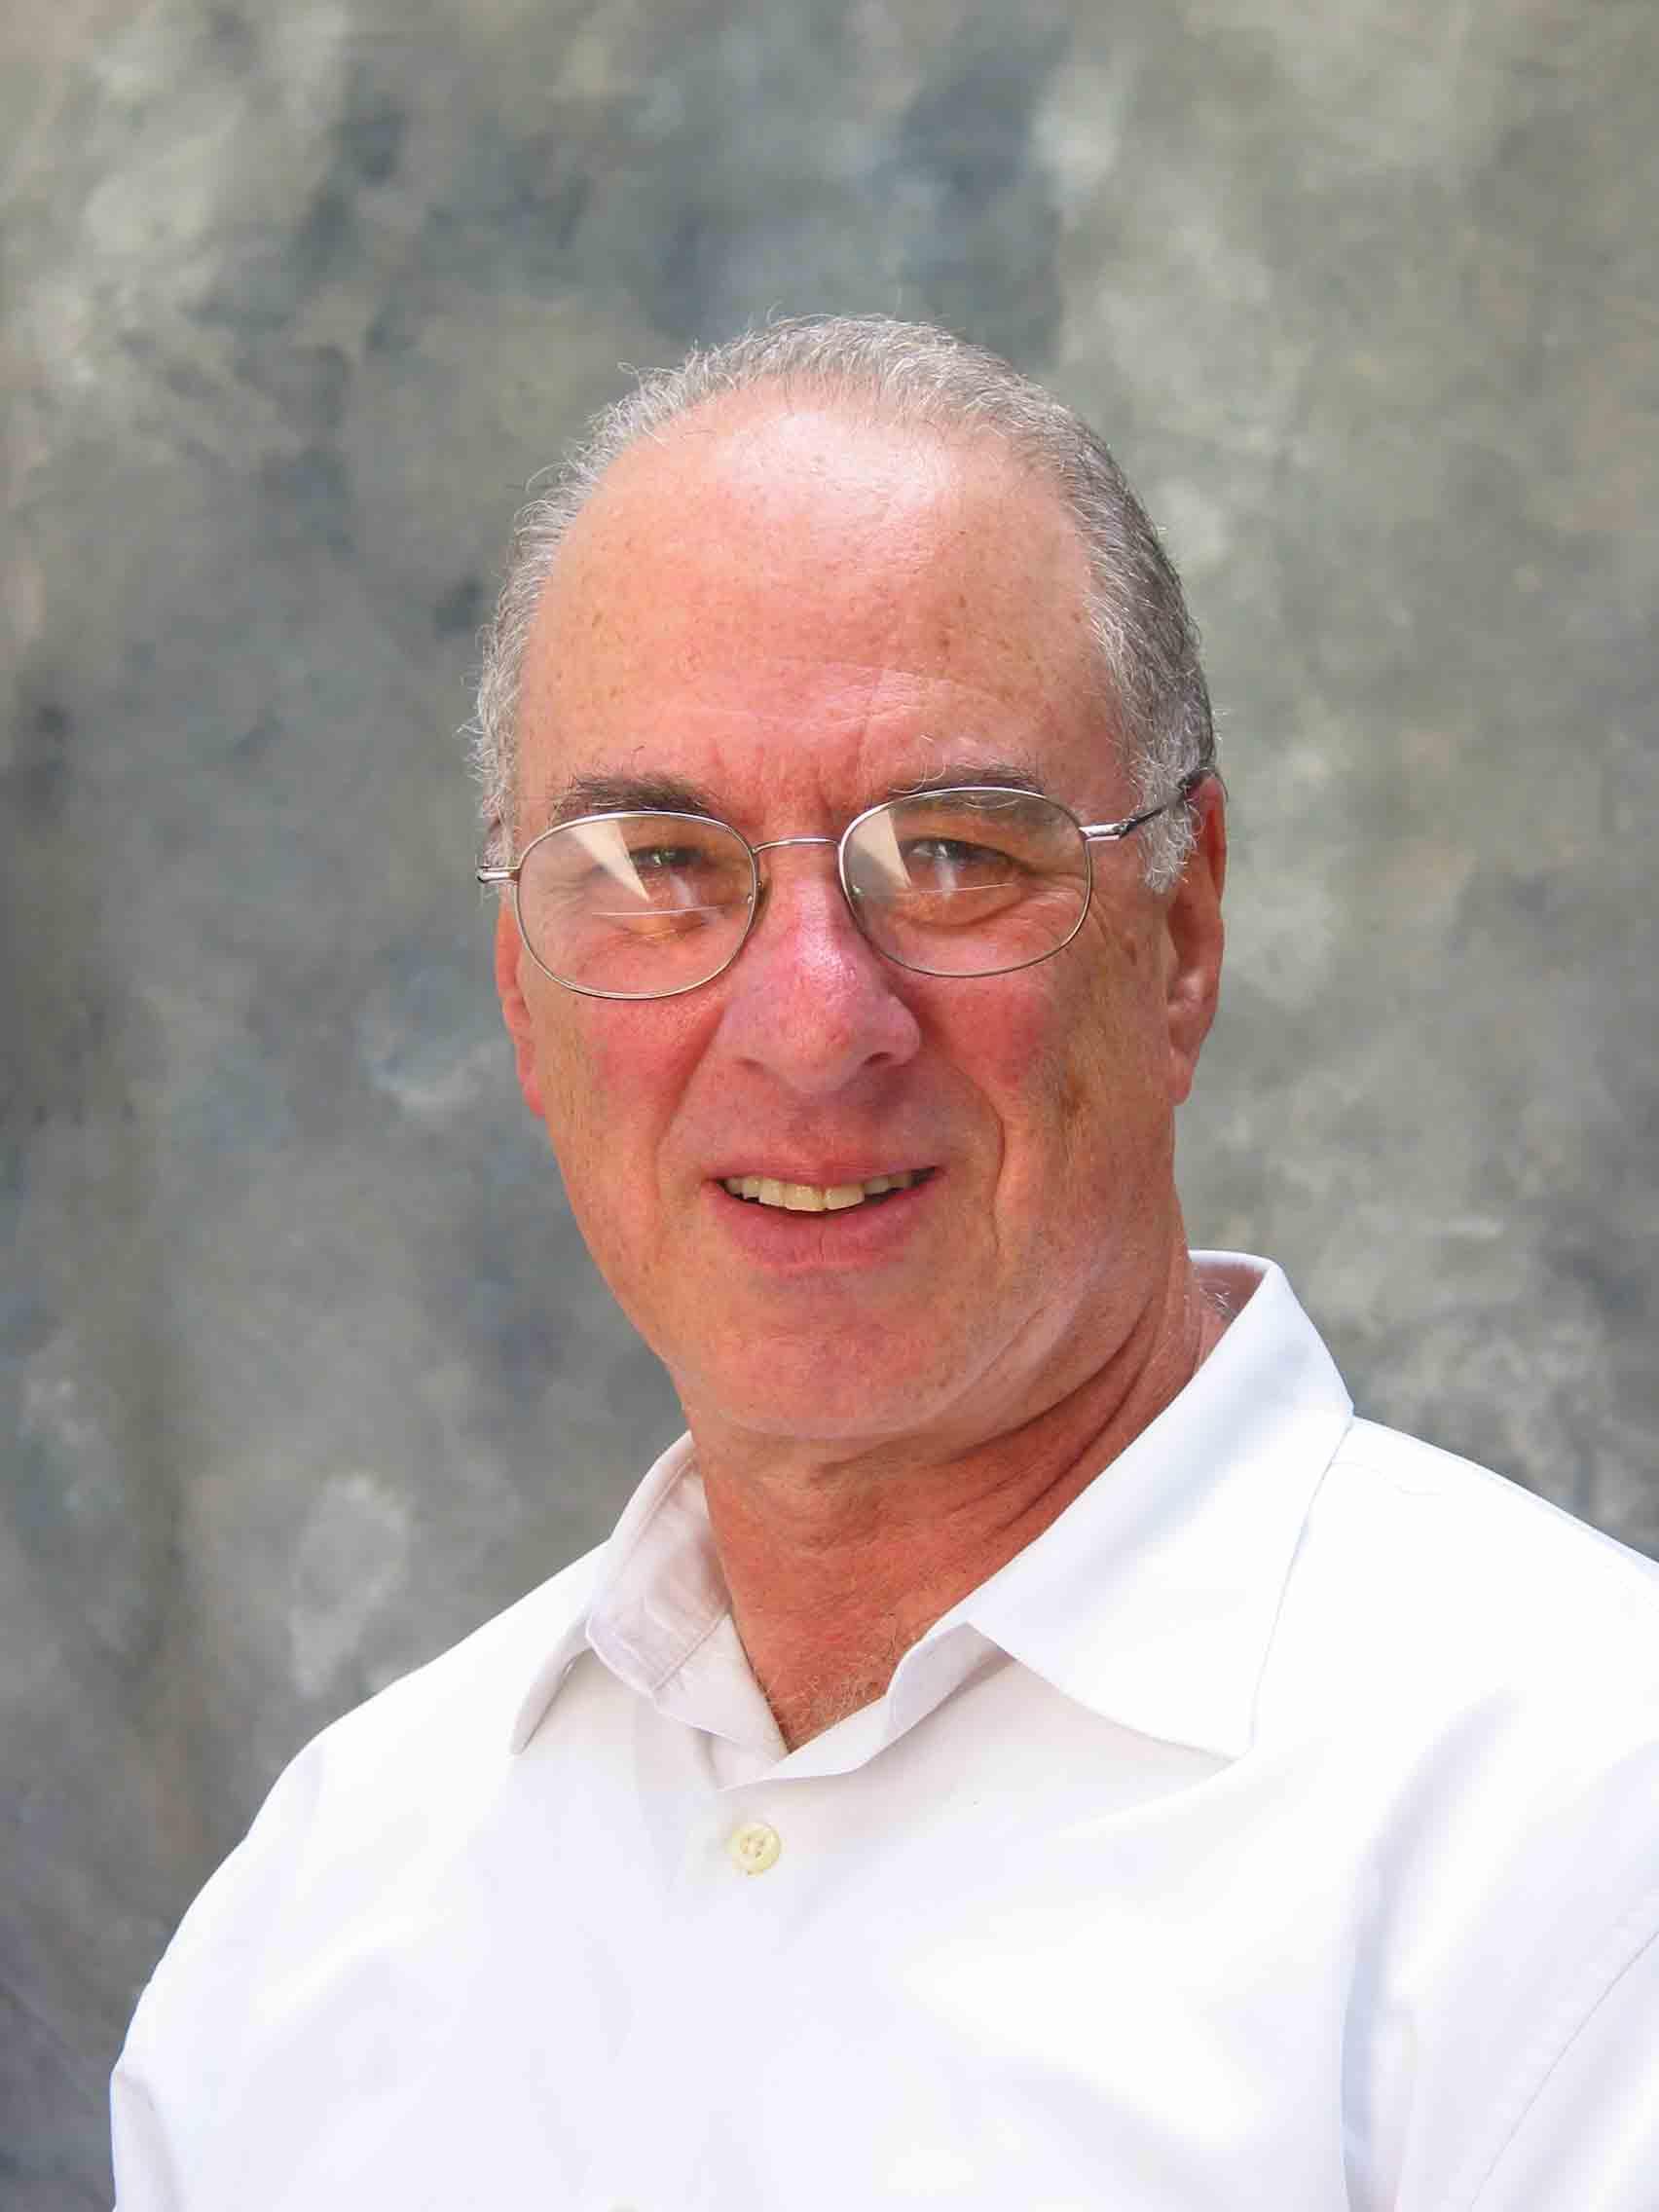 Ian Mitroff